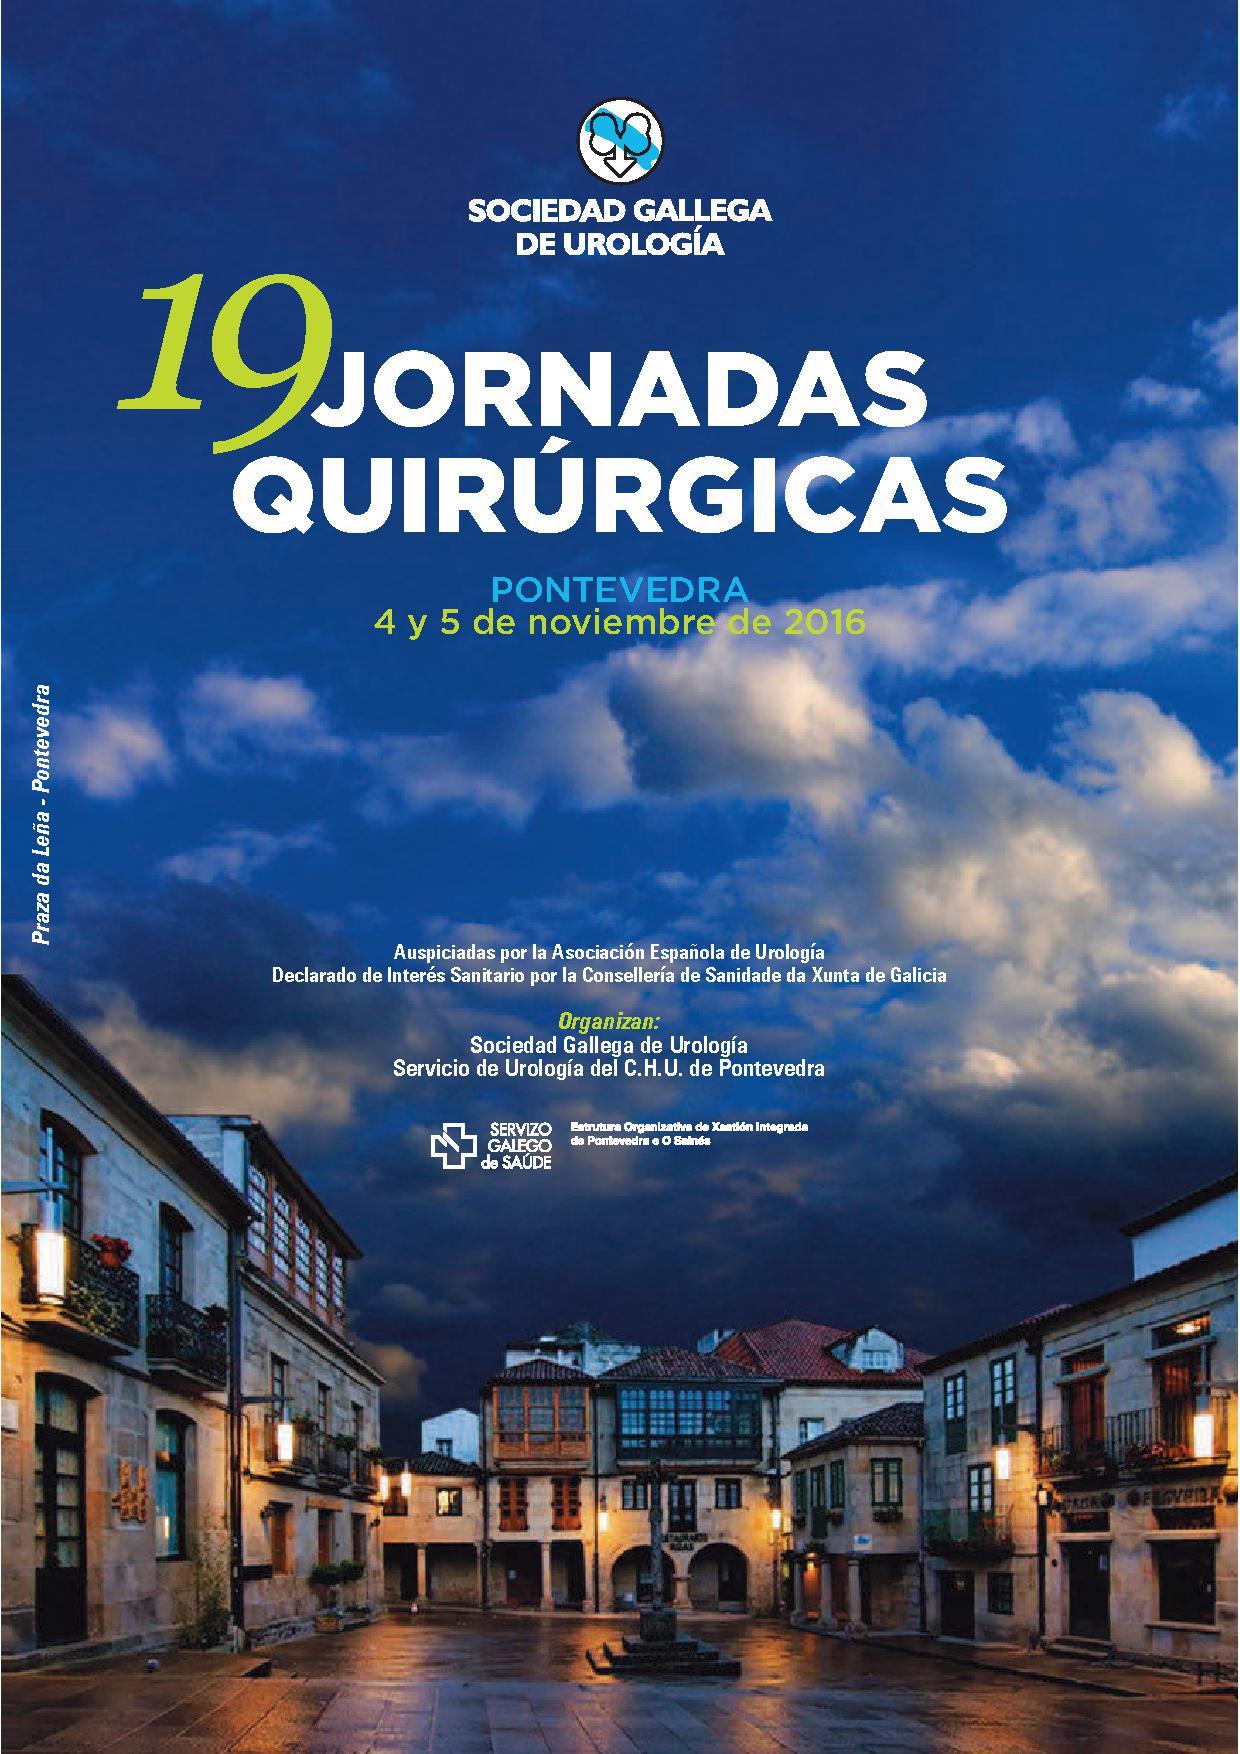 XIX JORNADAS QUIRÚRGICAS DE LA SOCIEDAD GALLEGA DE UROLOGÍA